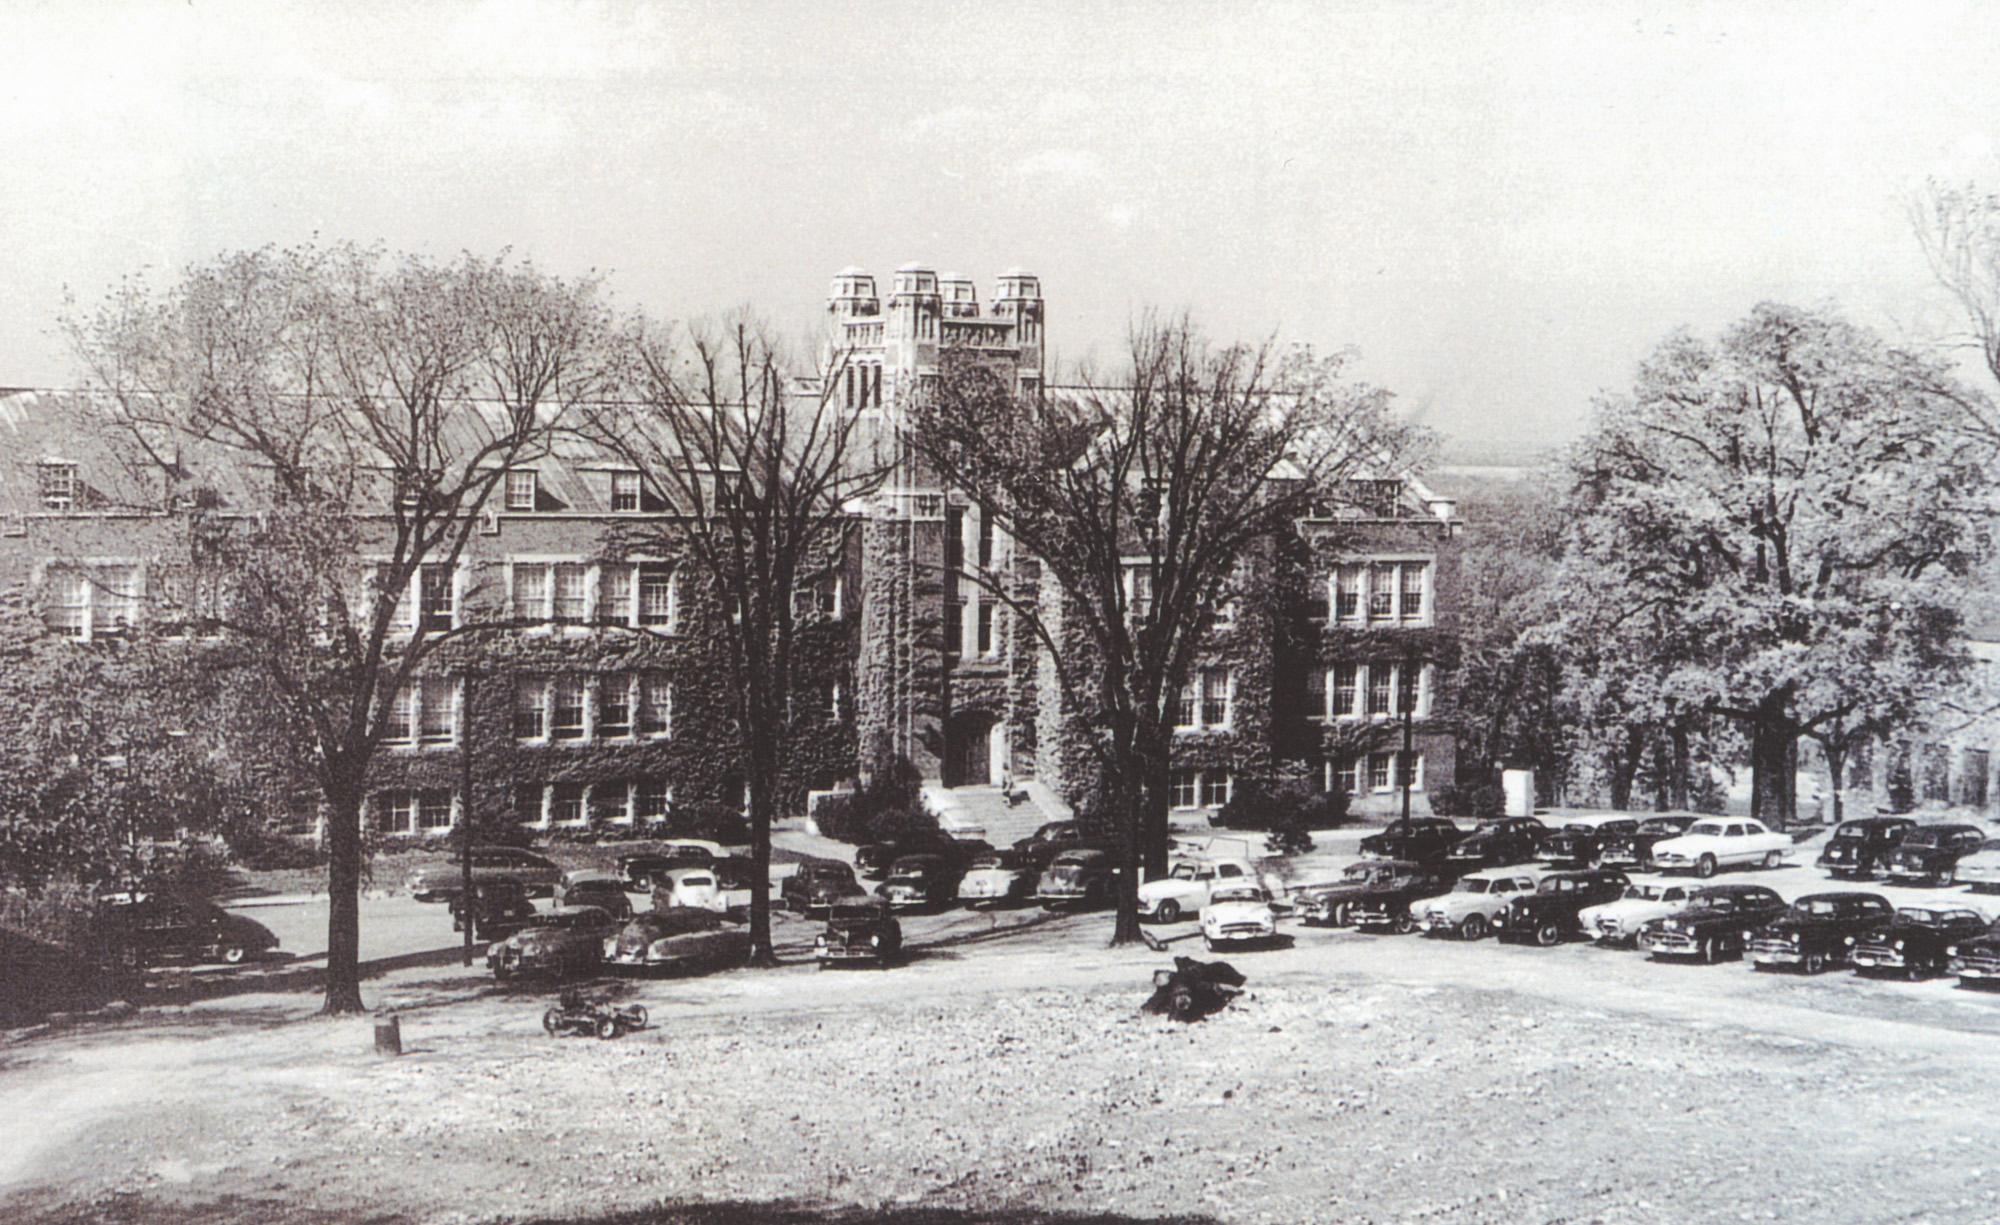 campus in 1948